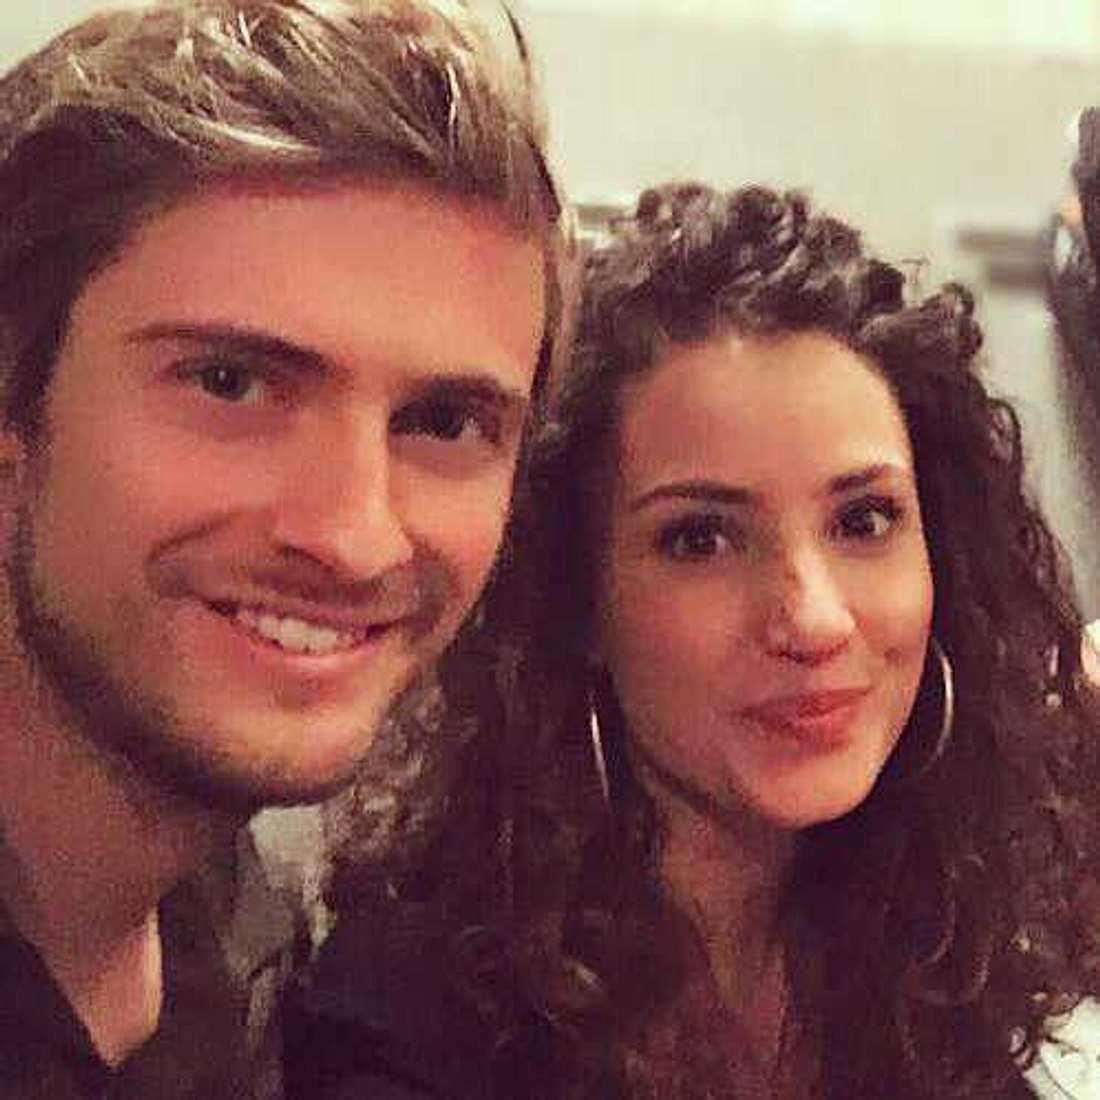 GZSZ-Liebescomeback: Werden Ayla und Philip wieder ein Paar?